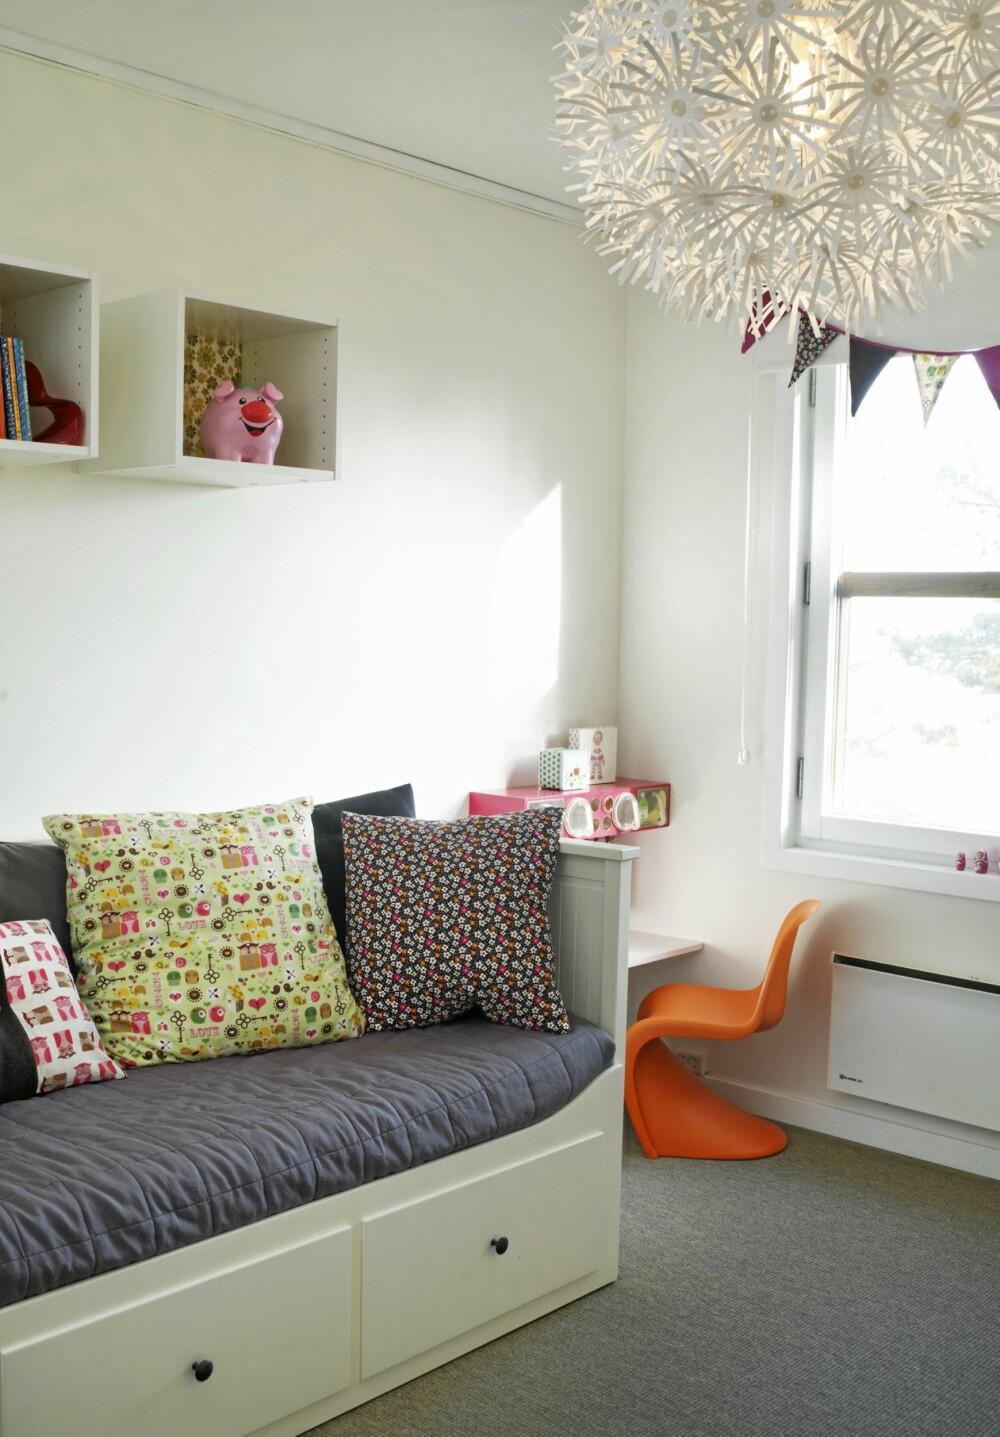 SENG FOR DAG OG NATT: En daybed med oppbevaringsskuffer under fungerer som sofa om dagen og seng om natten. Vegg-til-vegg-teppet gjør det lunere for barna å leke på gulvet.